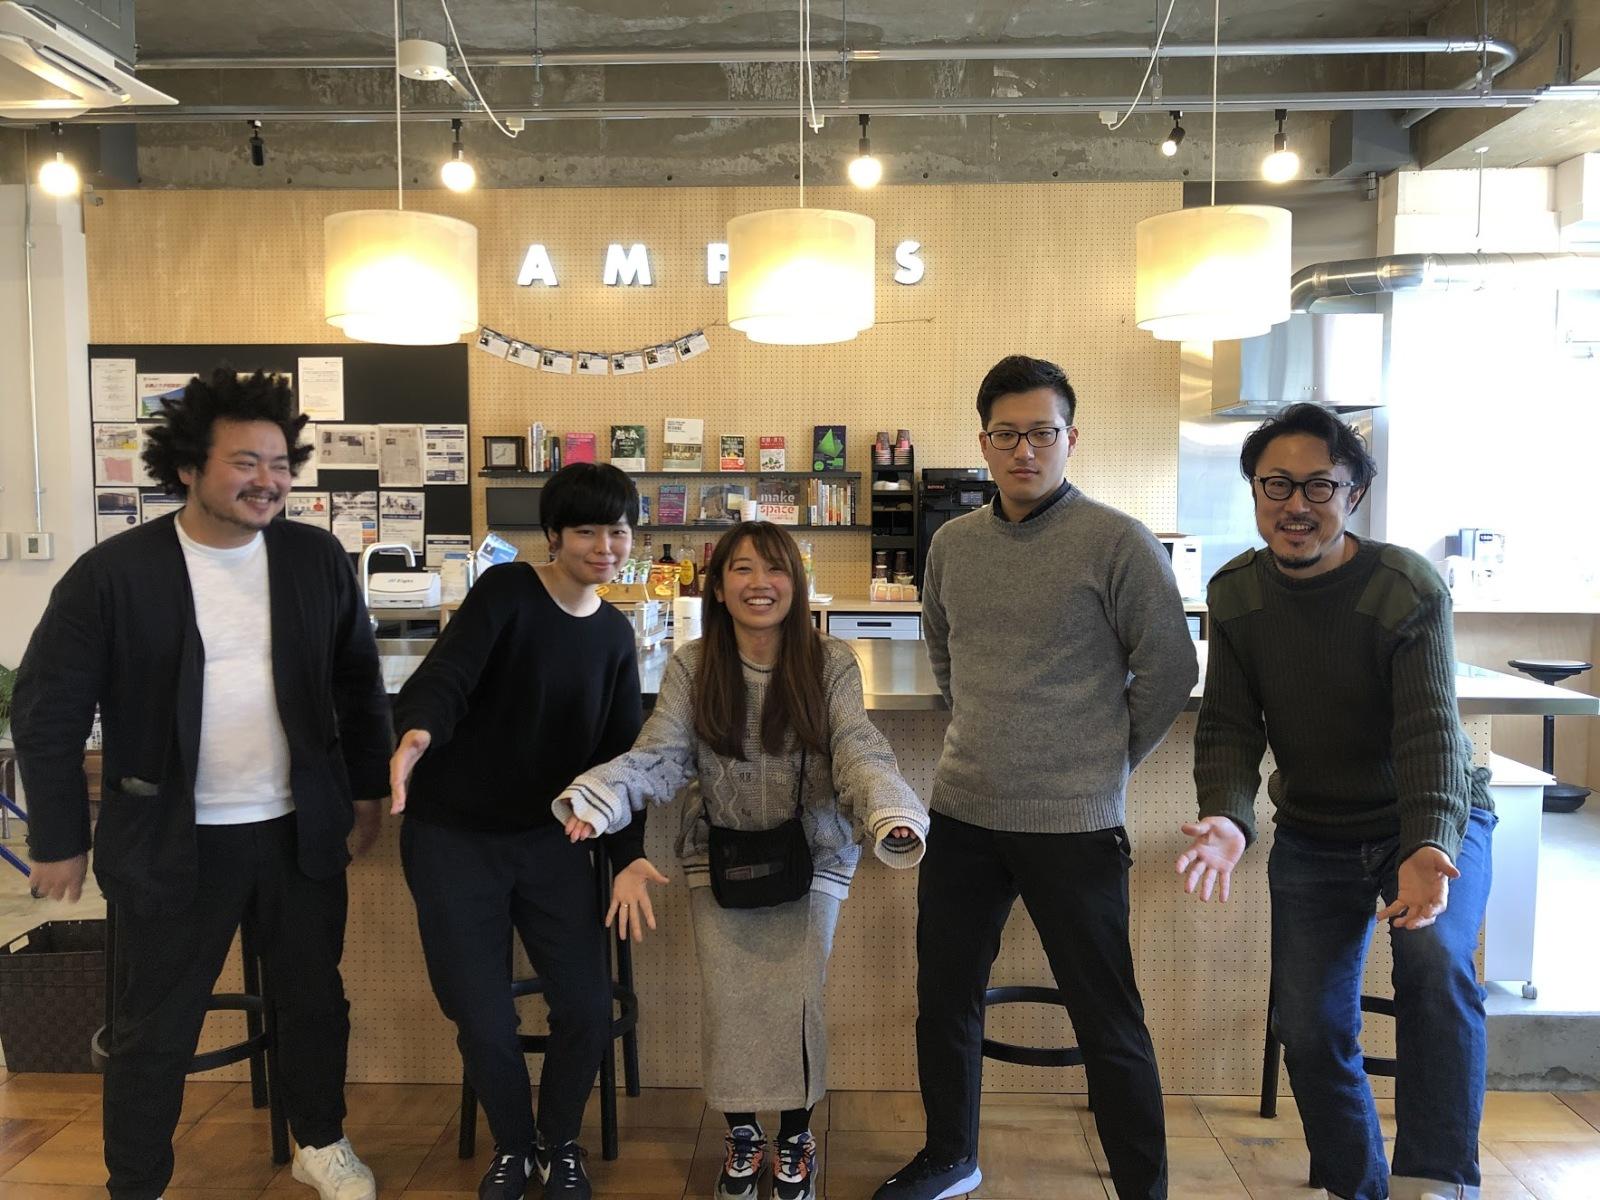 R-proで働くメンバーたちとの写真